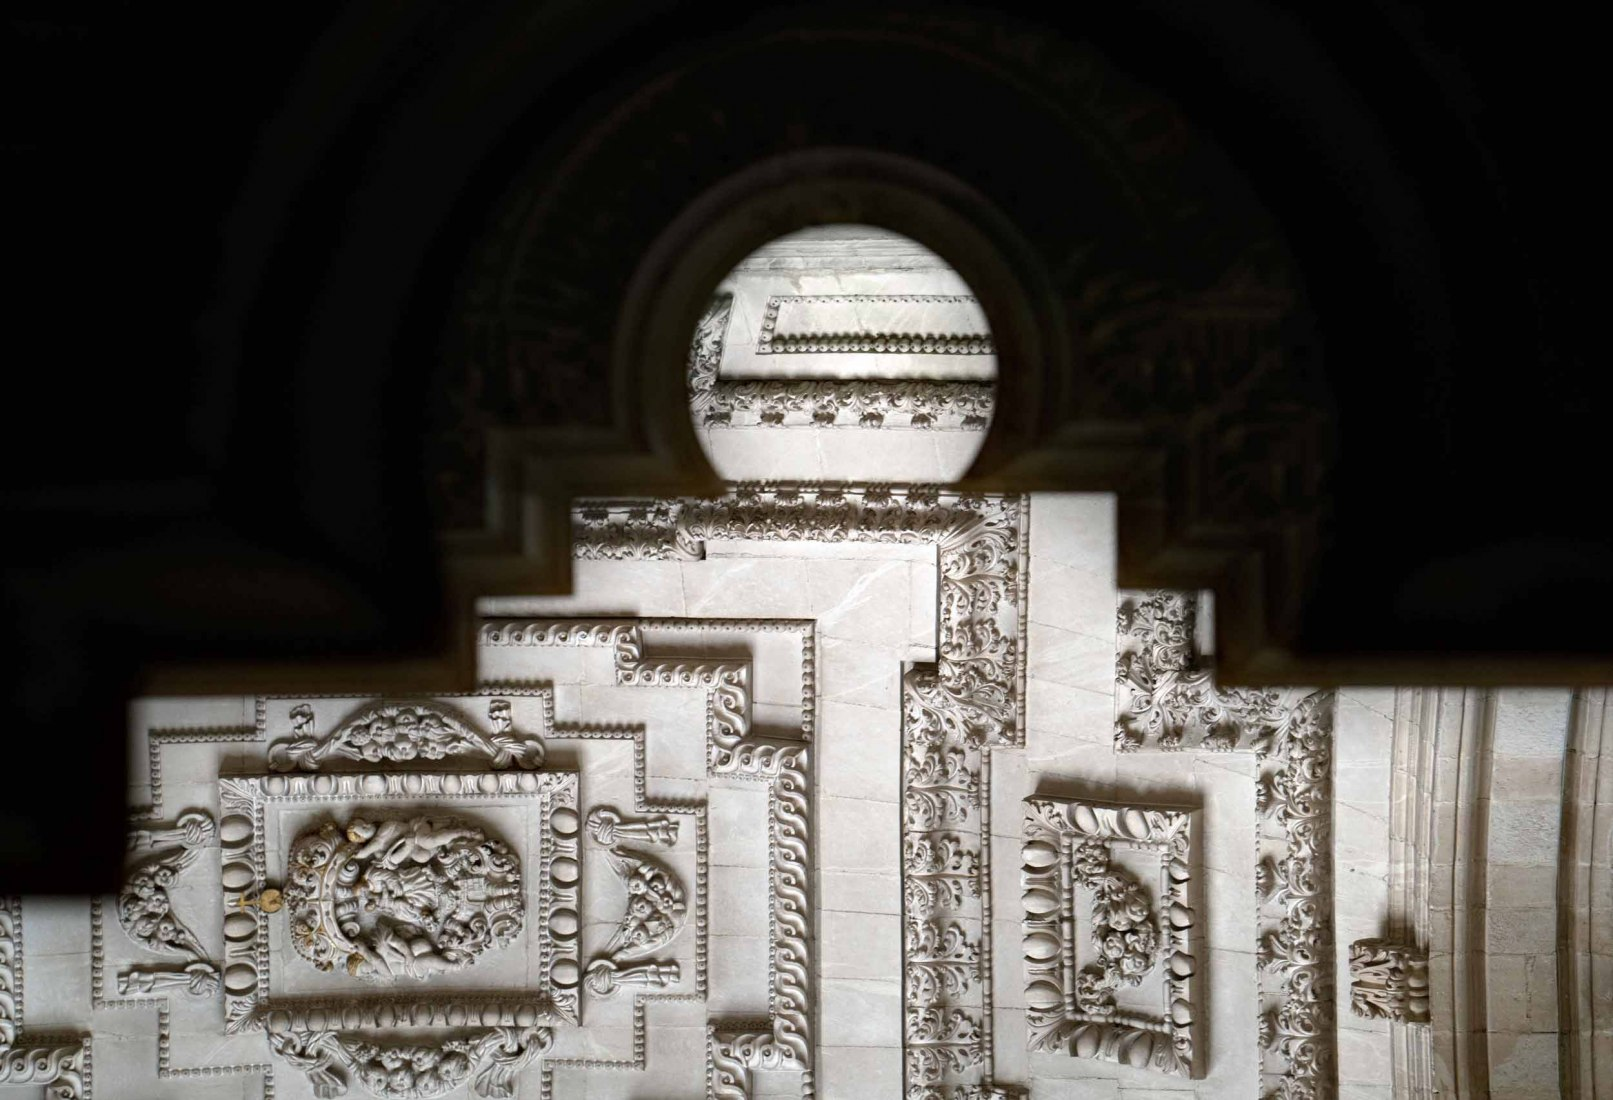 Gozar de toda su hermosura. Catedral de Jaén. Fotografía © Joaquín Bérchez, cortesía de Joaquín Bérchez